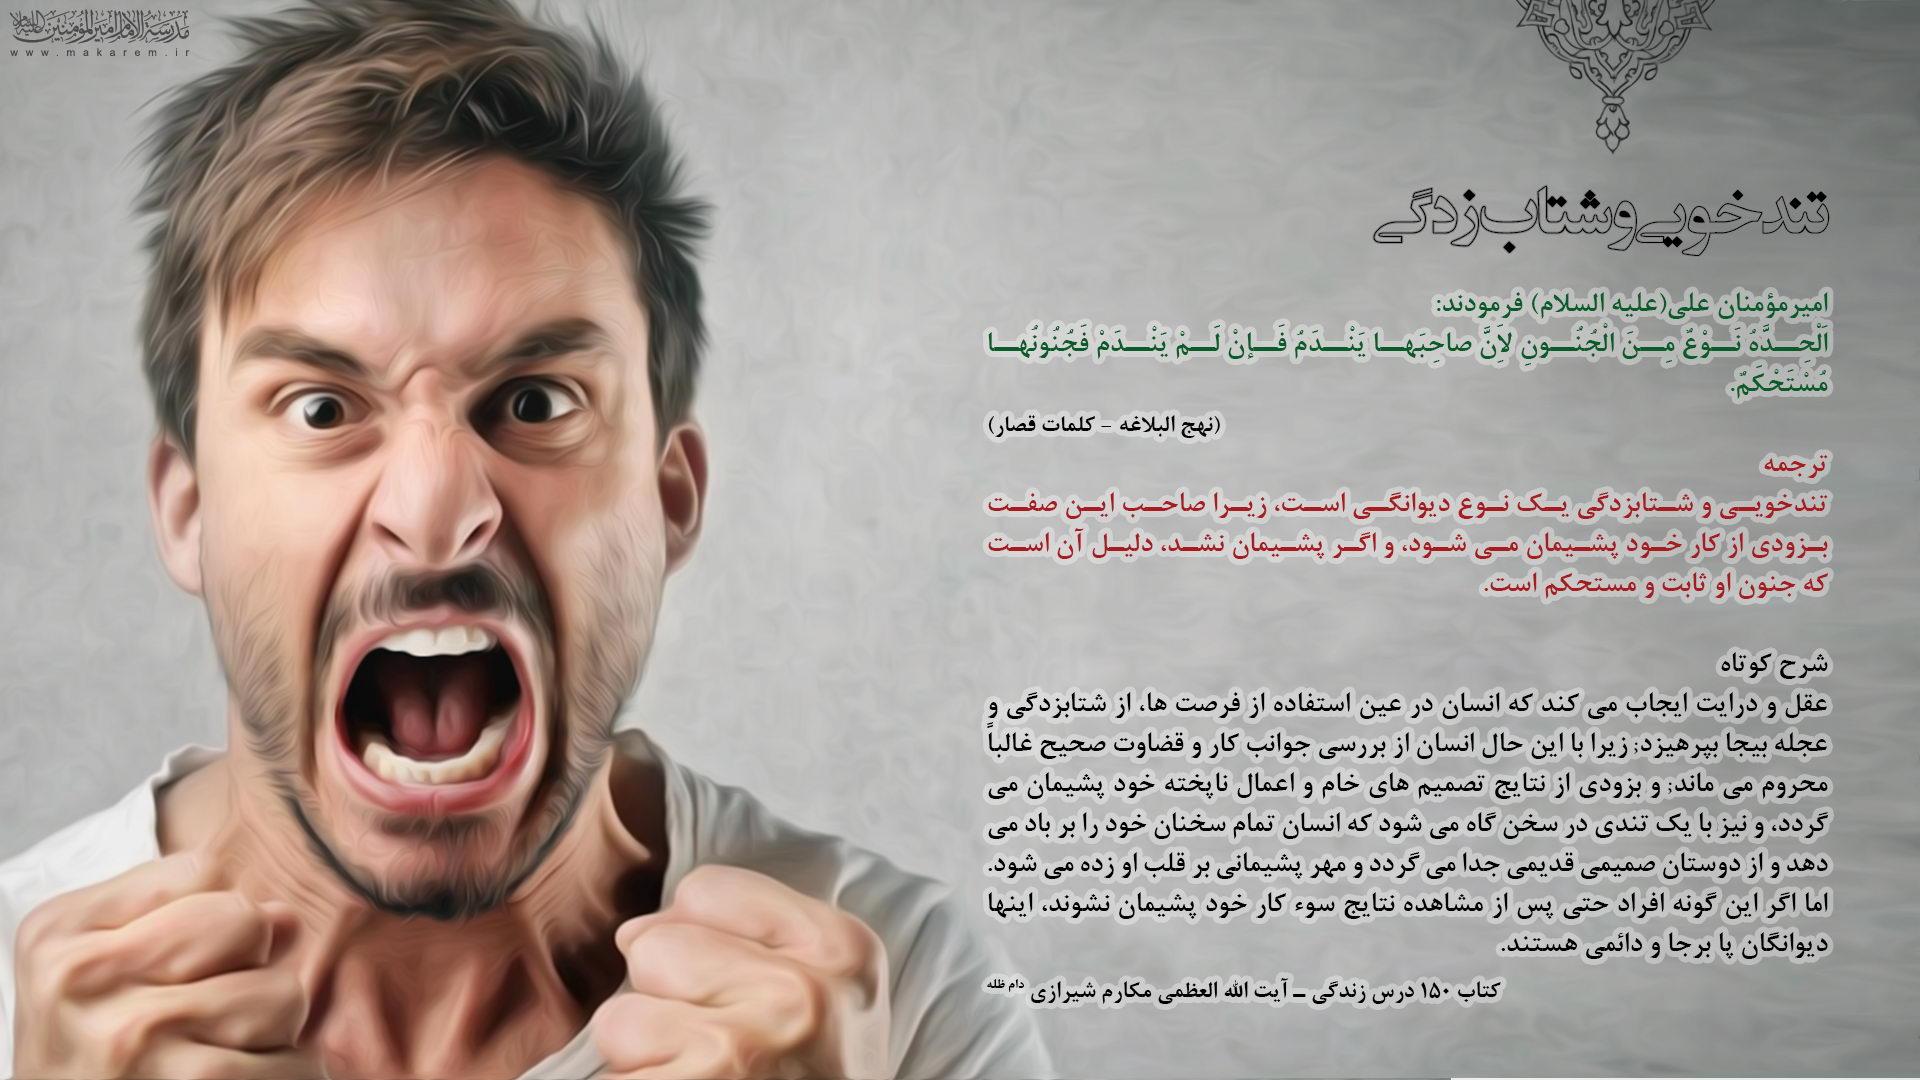 تندخویی و شتاب زدگی-مدرسه الامام امیر المومنین (ع)